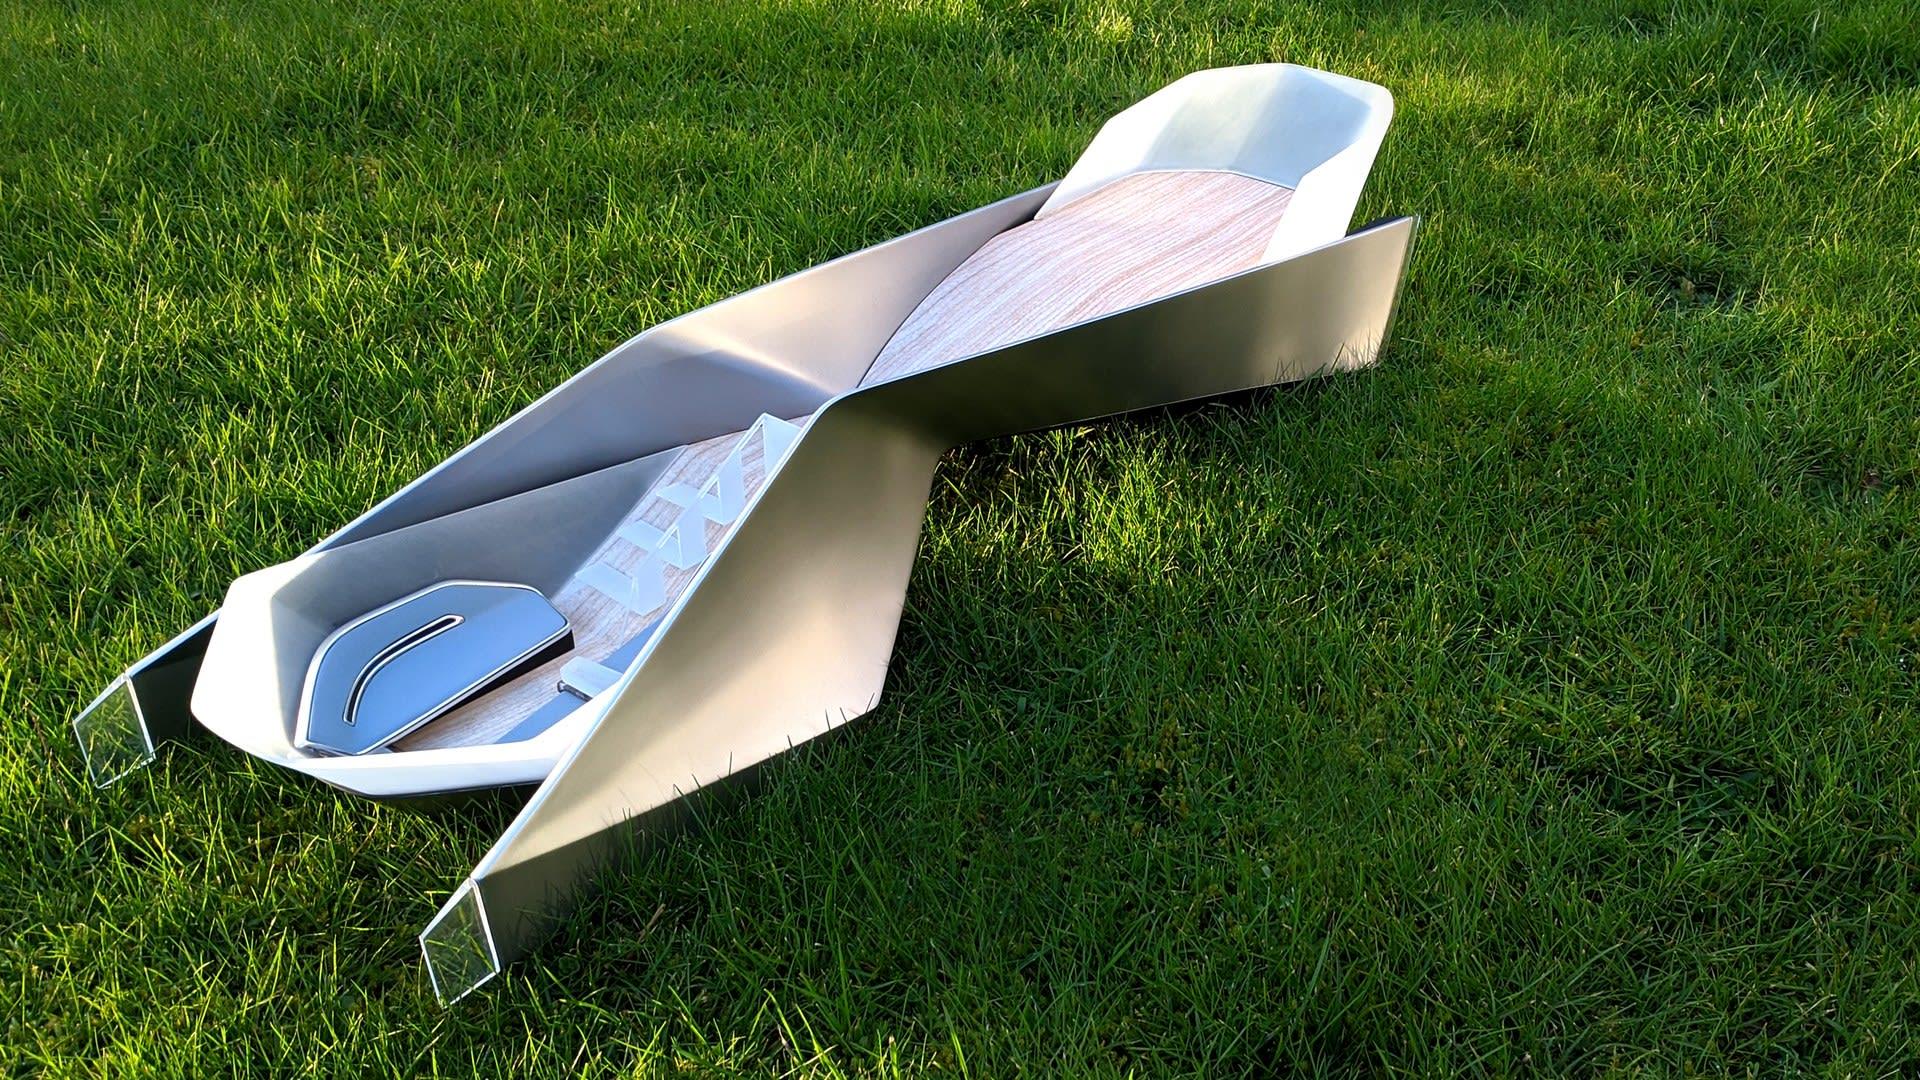 Final Model Exterior